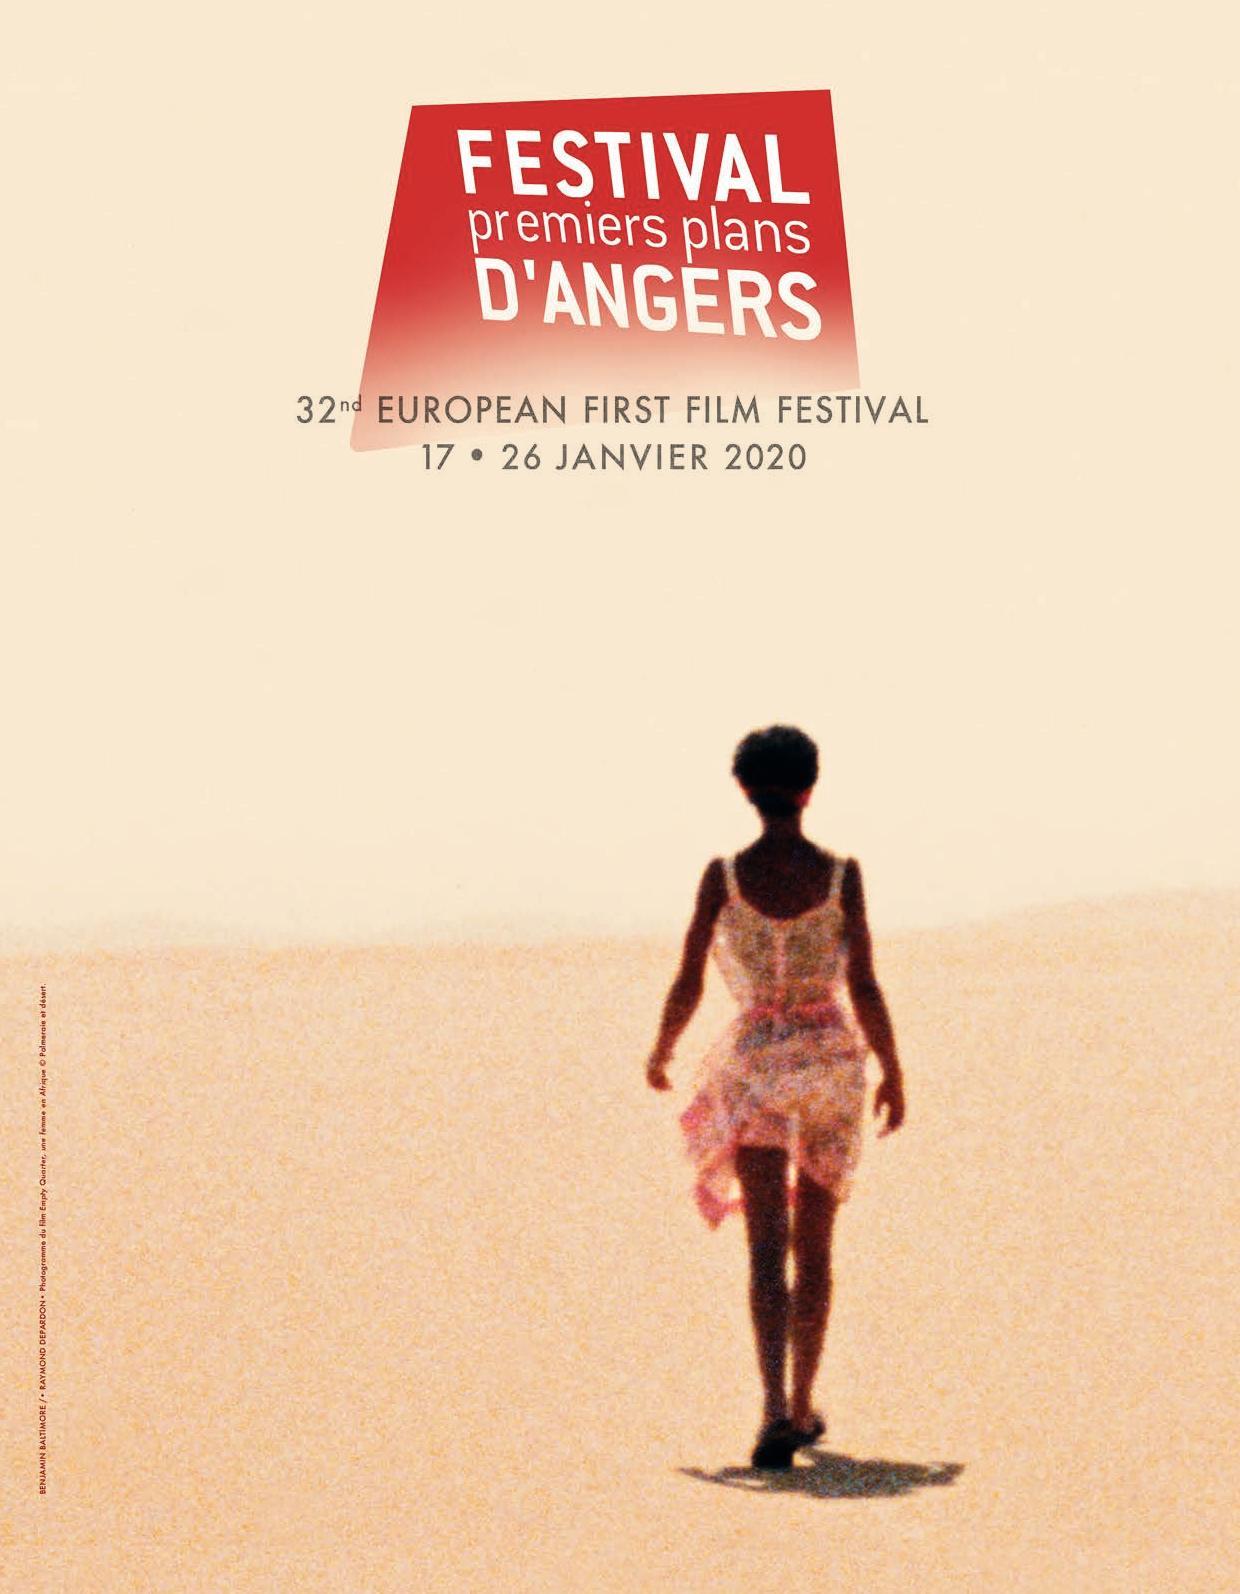 Aventure de cul à Angers : femme sans prise de tête